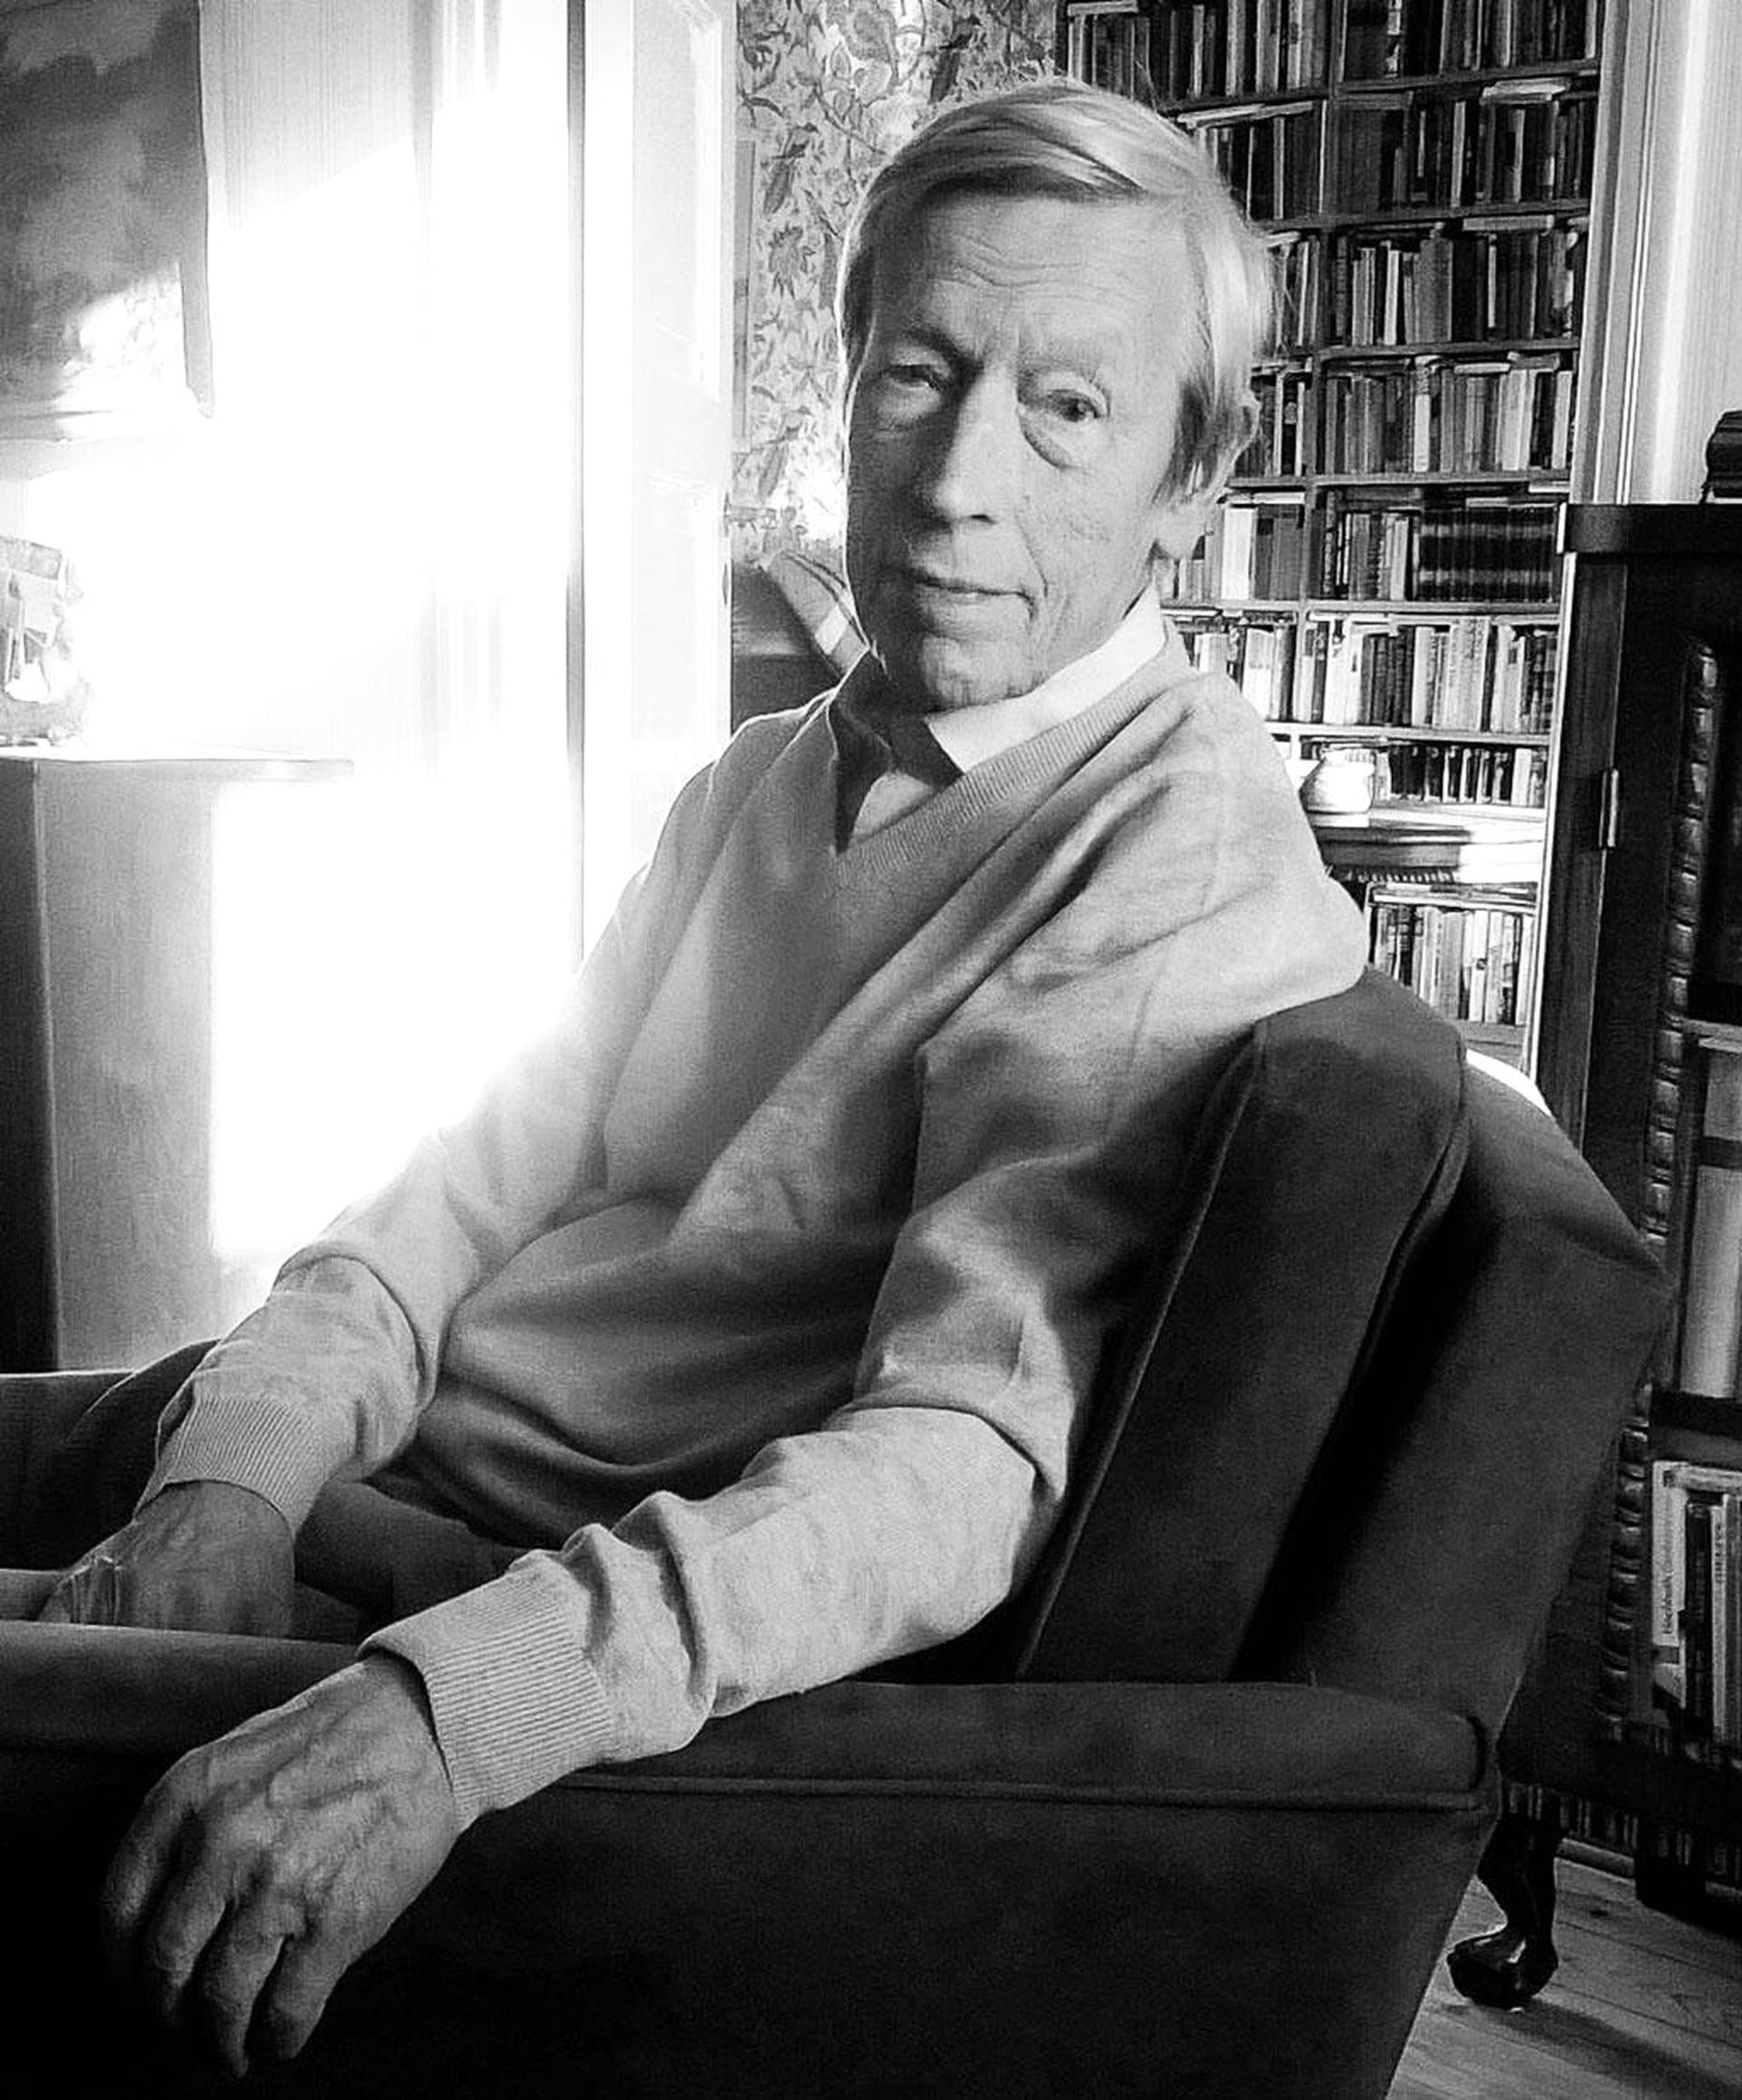 Michel Grünstein